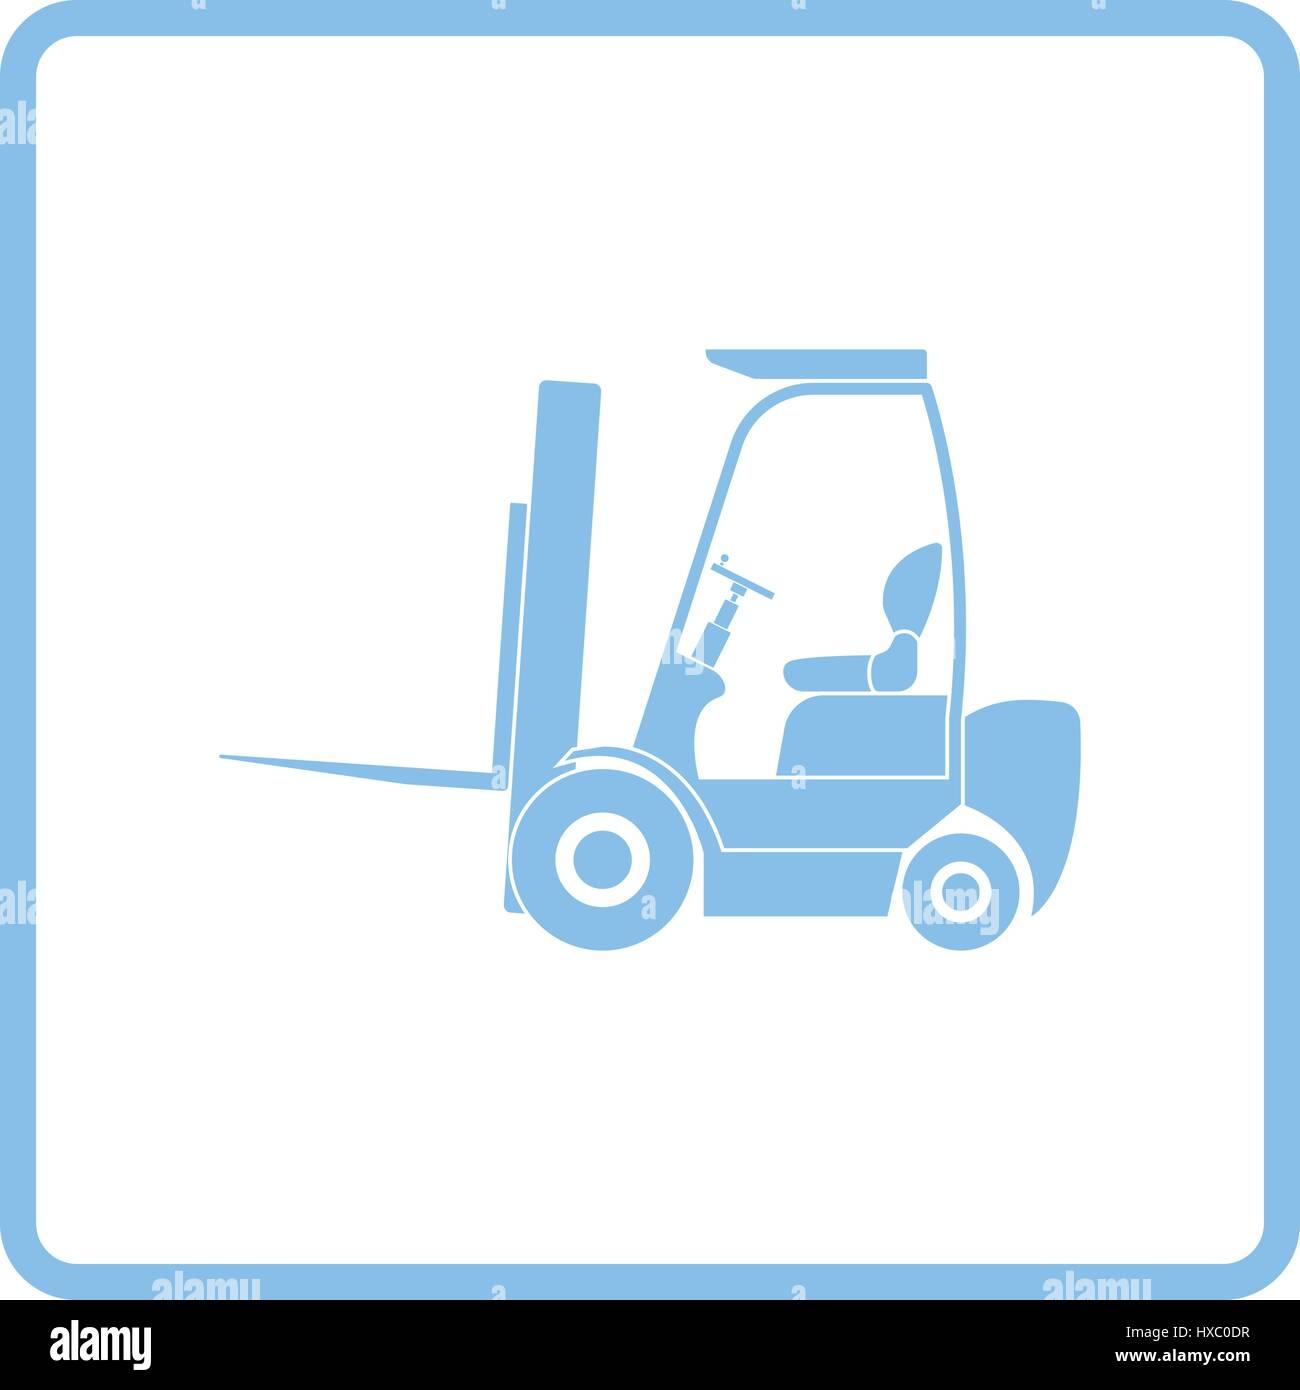 Forklift Vectors Imágenes De Stock & Forklift Vectors Fotos De Stock ...